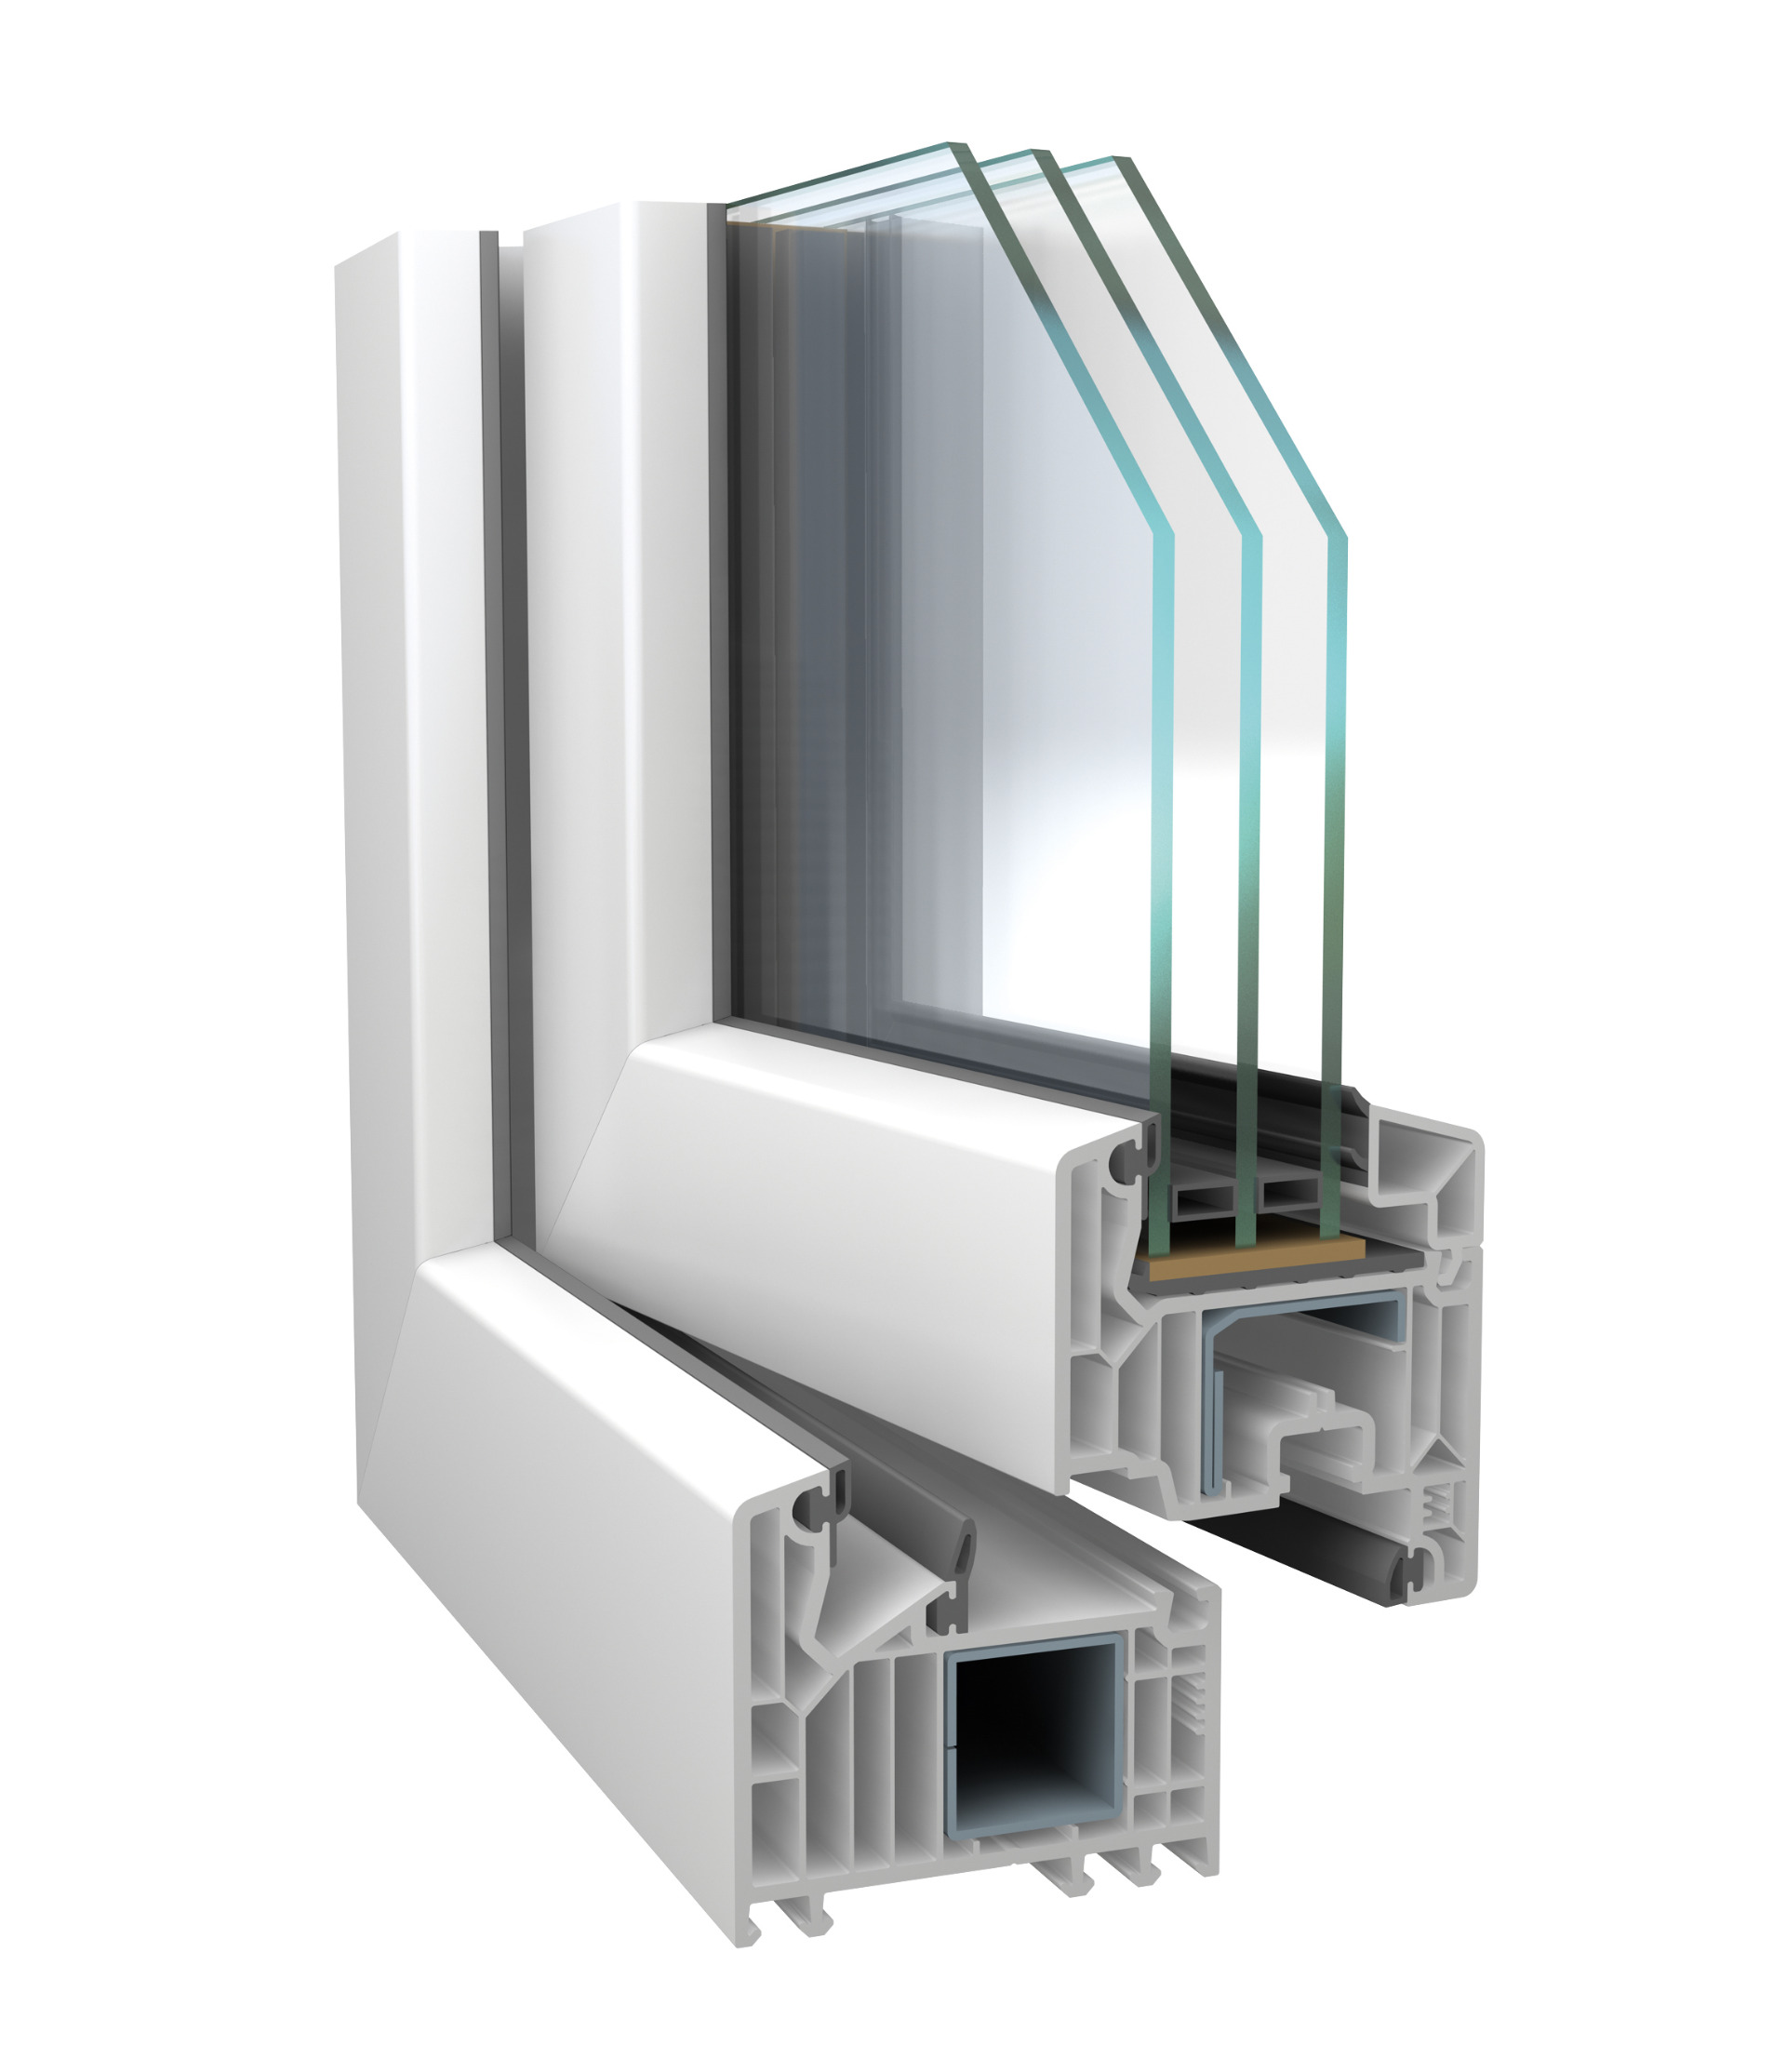 bfh hilzinger supertherm 82. Black Bedroom Furniture Sets. Home Design Ideas